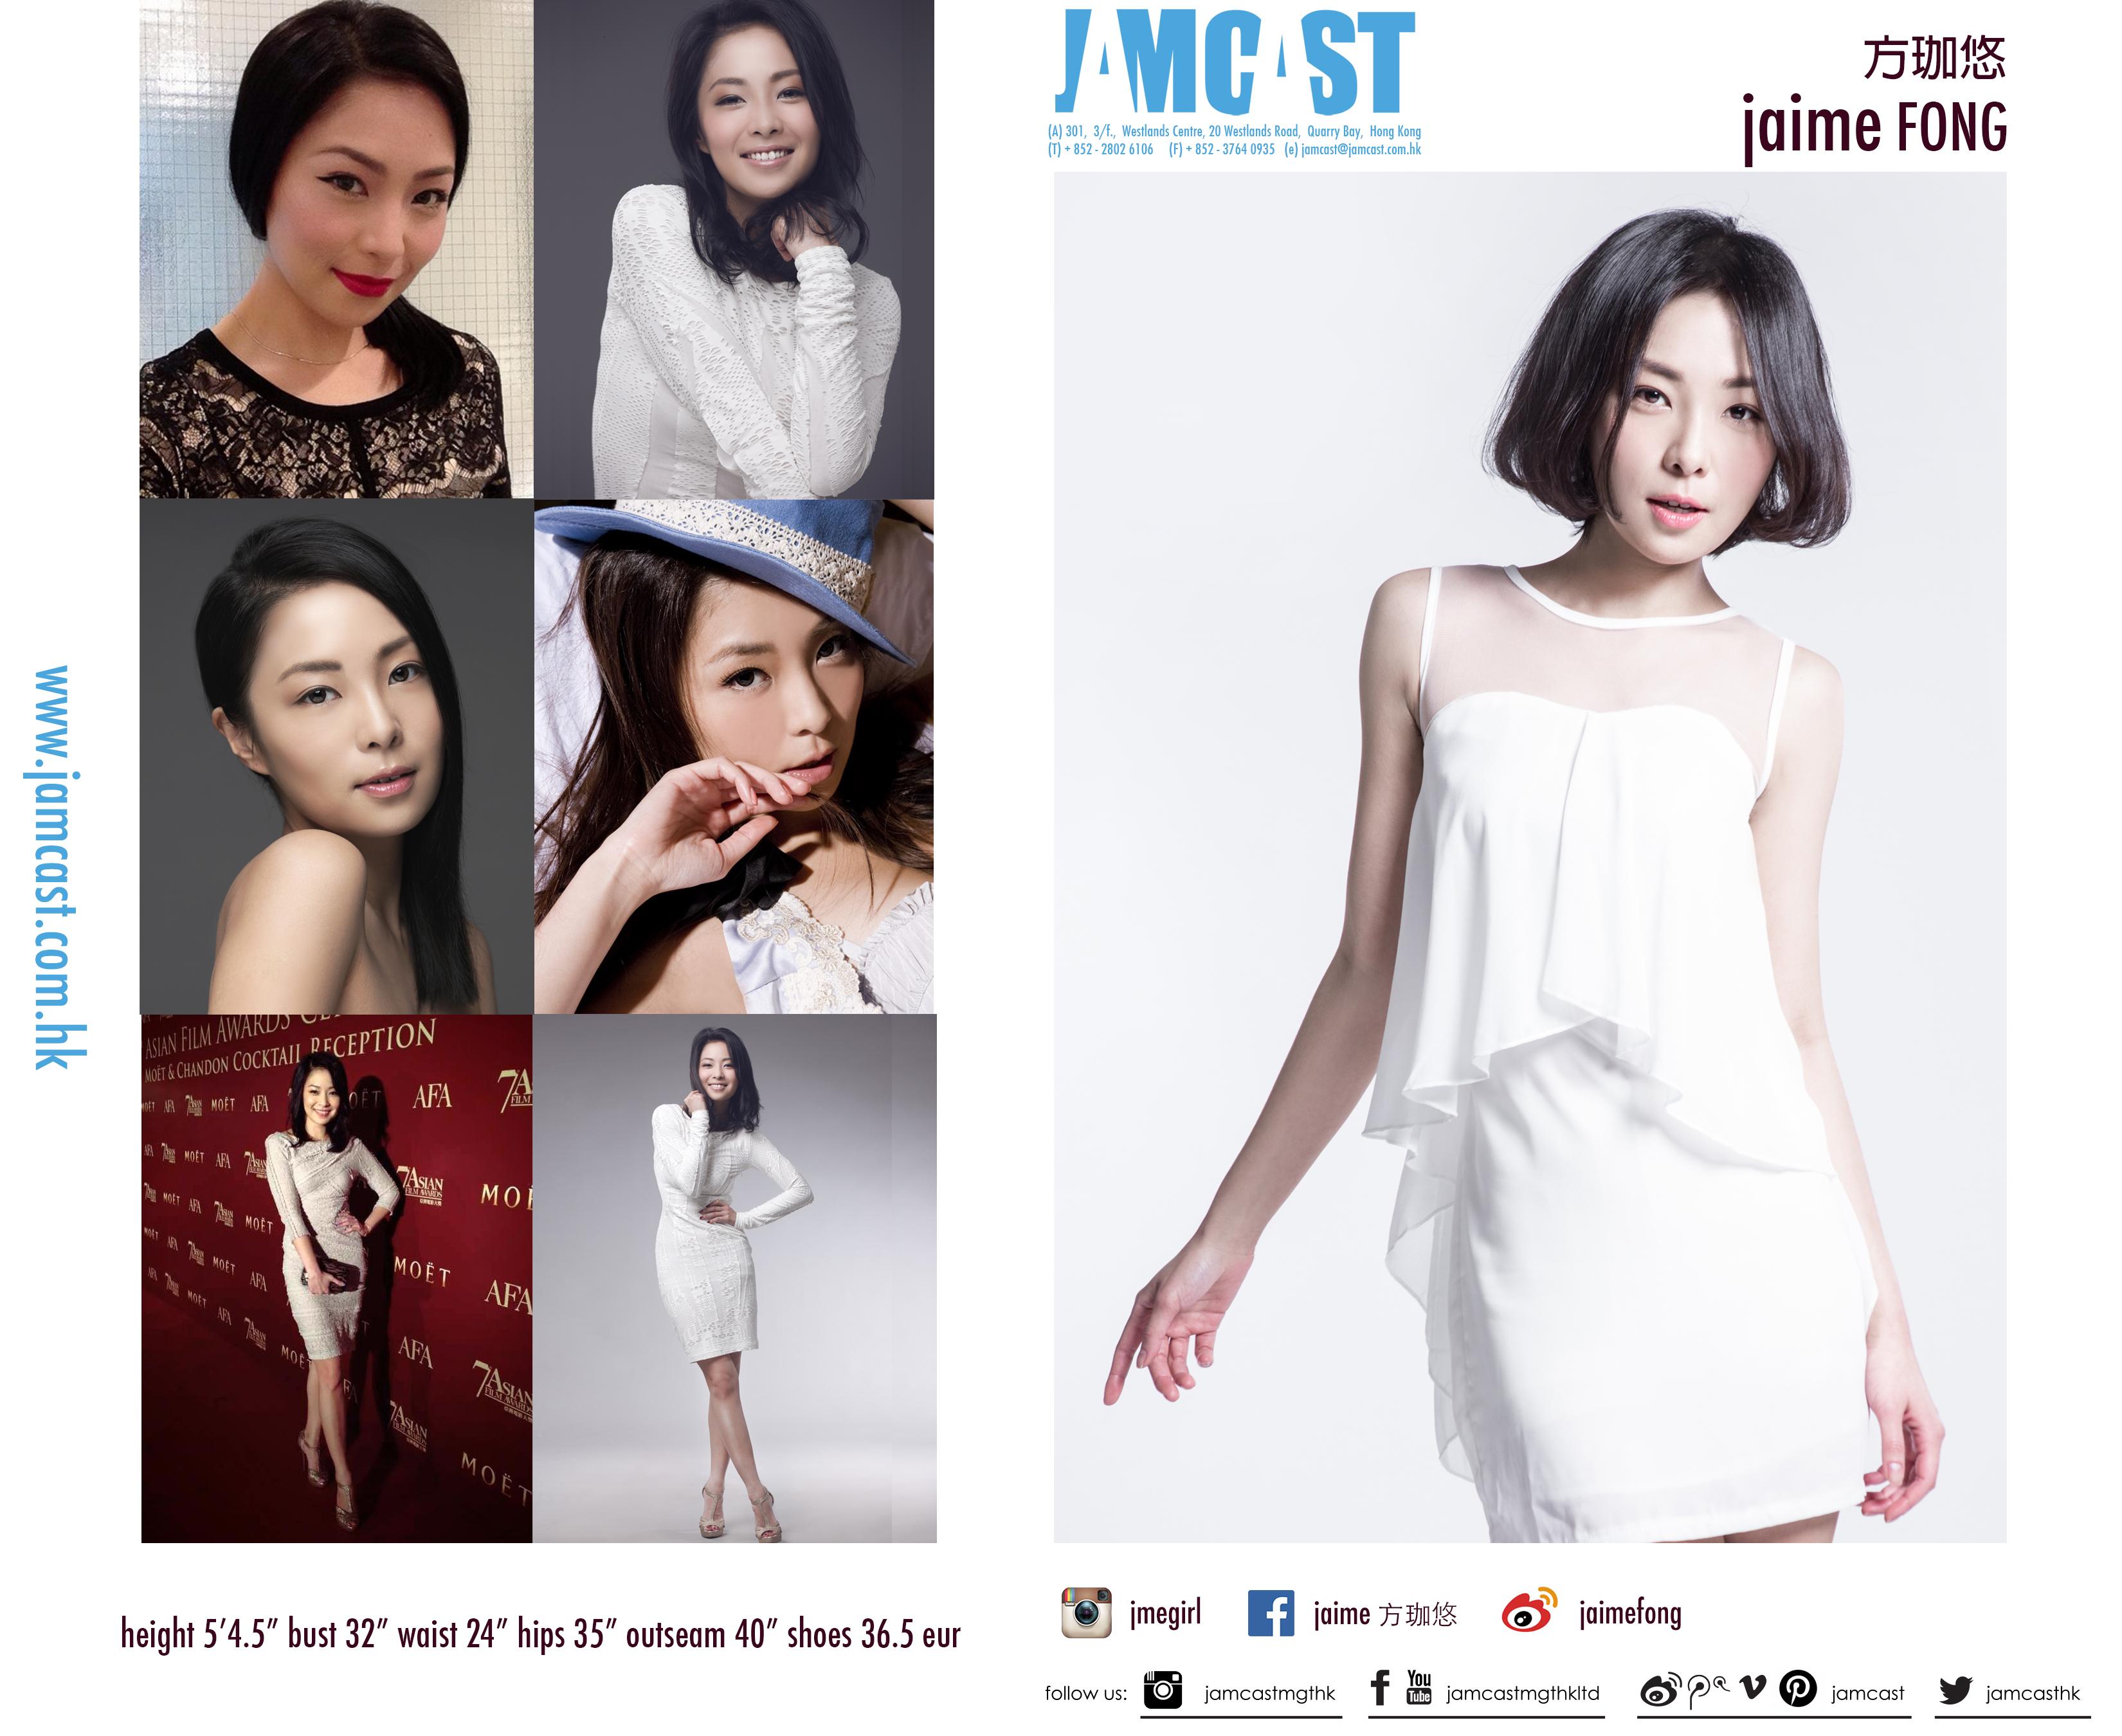 Jaime Fong Card